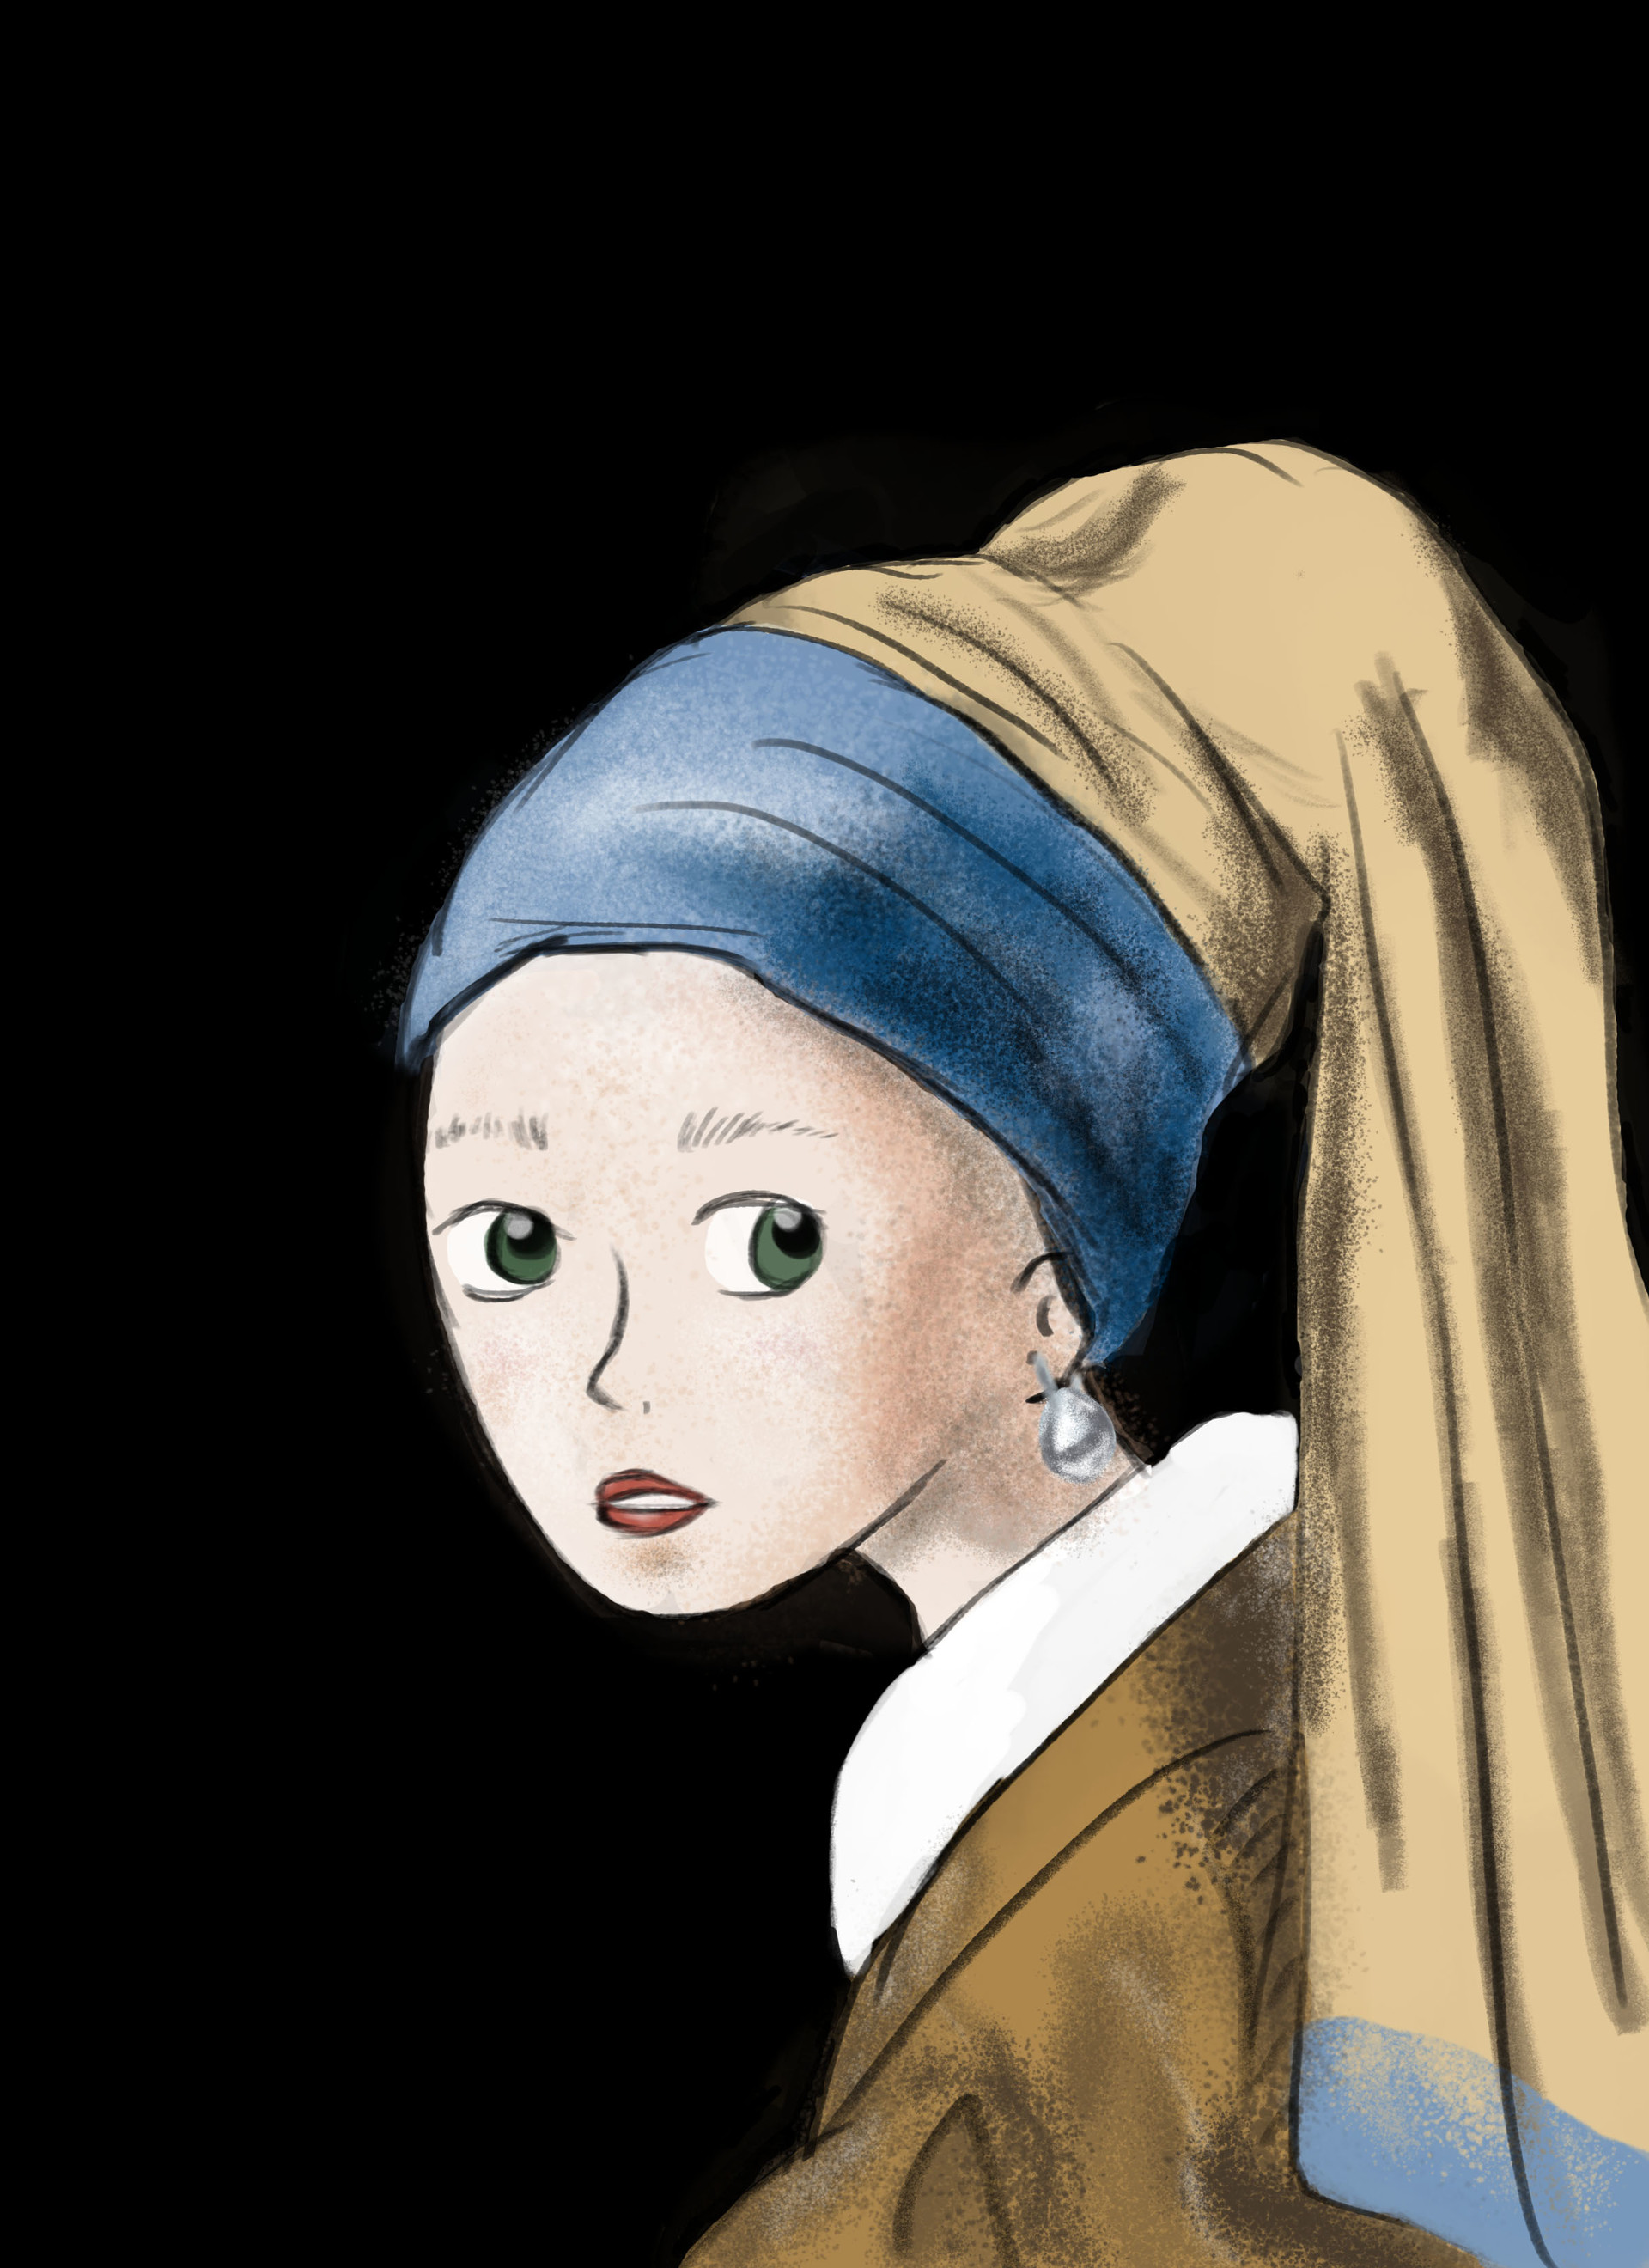 Experimentar Médula ósea seriamente  johanna López - Girl with a pearl earring / la joven de la perla